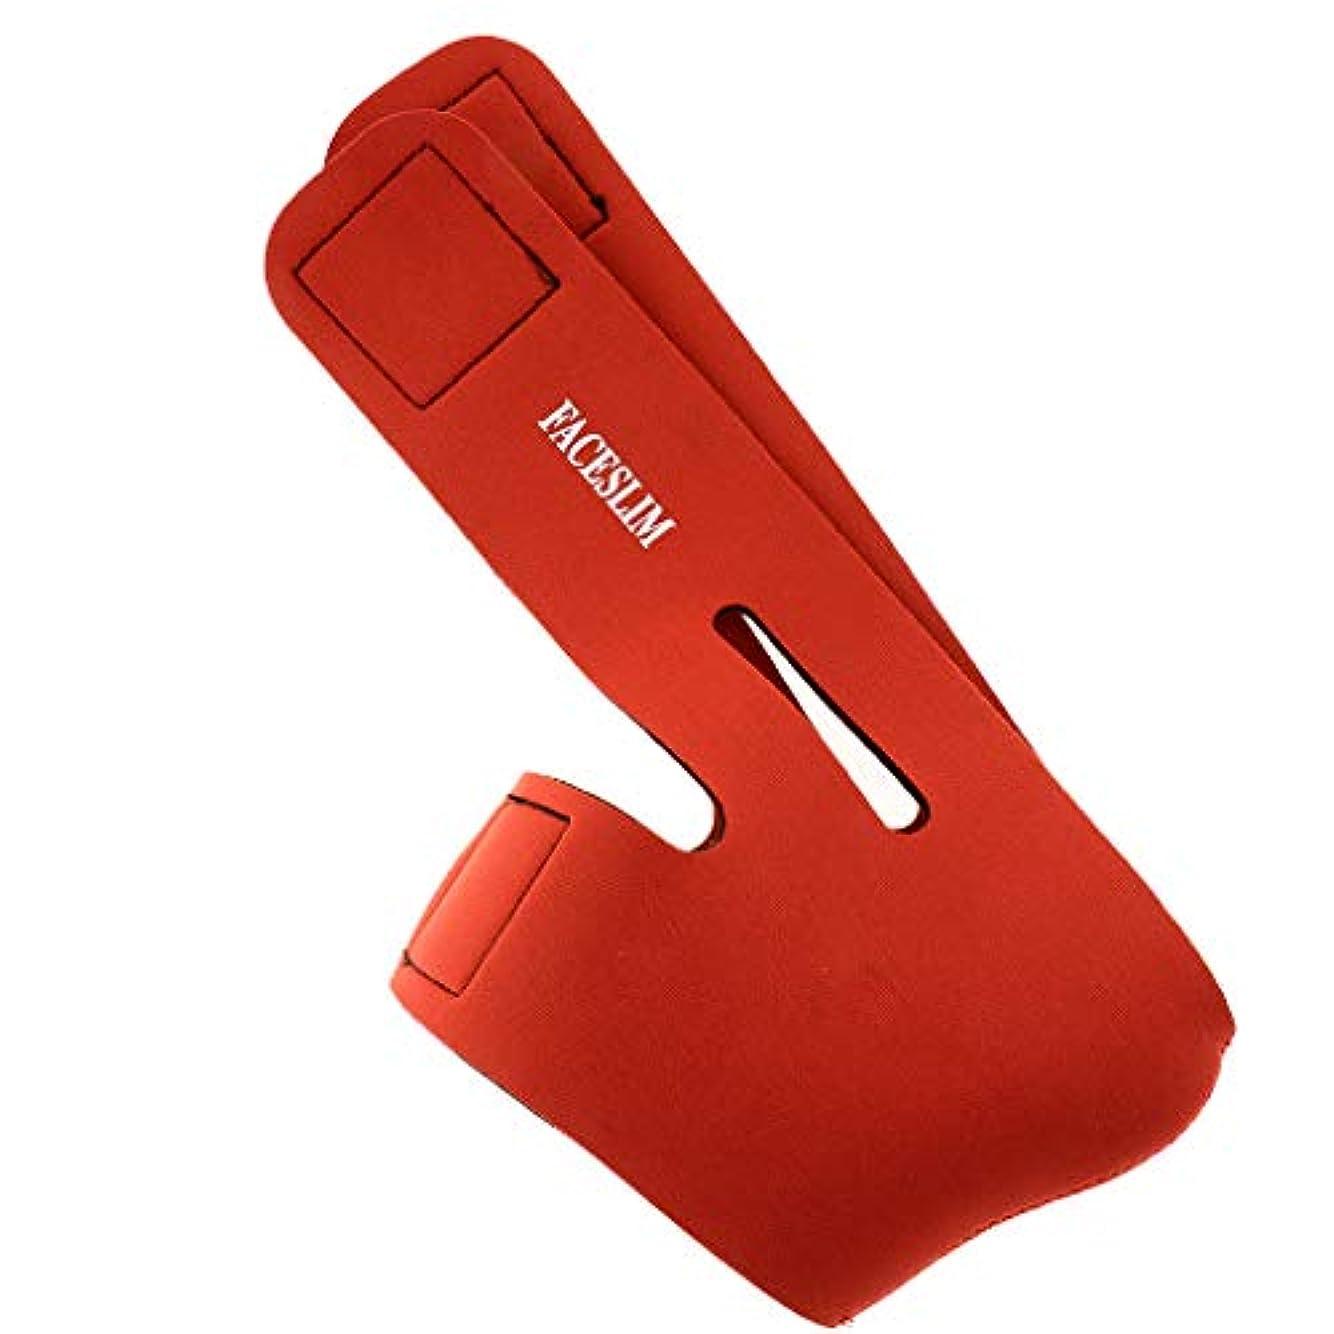 キルス硬さハンマーフェイスラインベルト リフトアップベルト 小顔ベルト 小顔サポーター 伸縮性 調節可能 全2色 - オレンジ